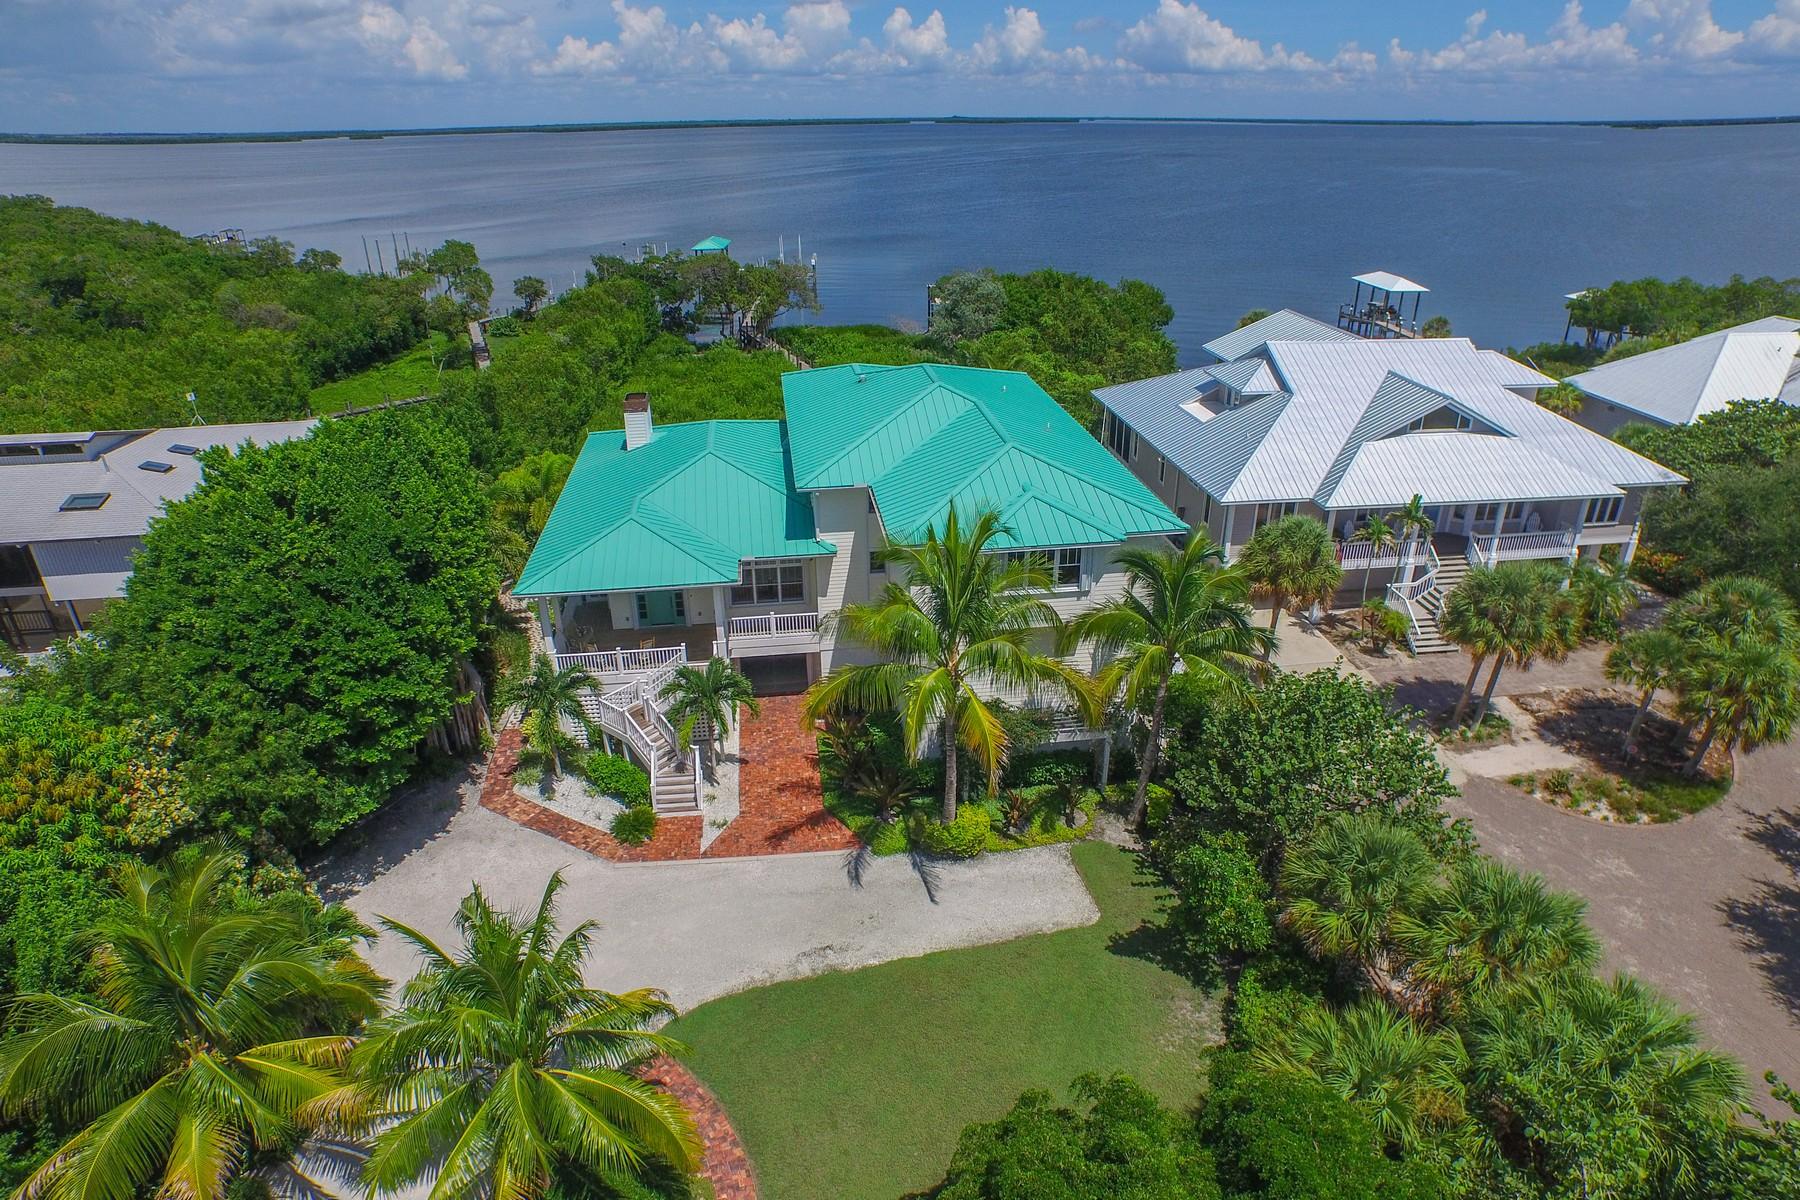 단독 가정 주택 용 매매 에 6 Peekins Cove Dr 6 Peekins Cove Dr. Boca Grande, 플로리다, 33921 미국